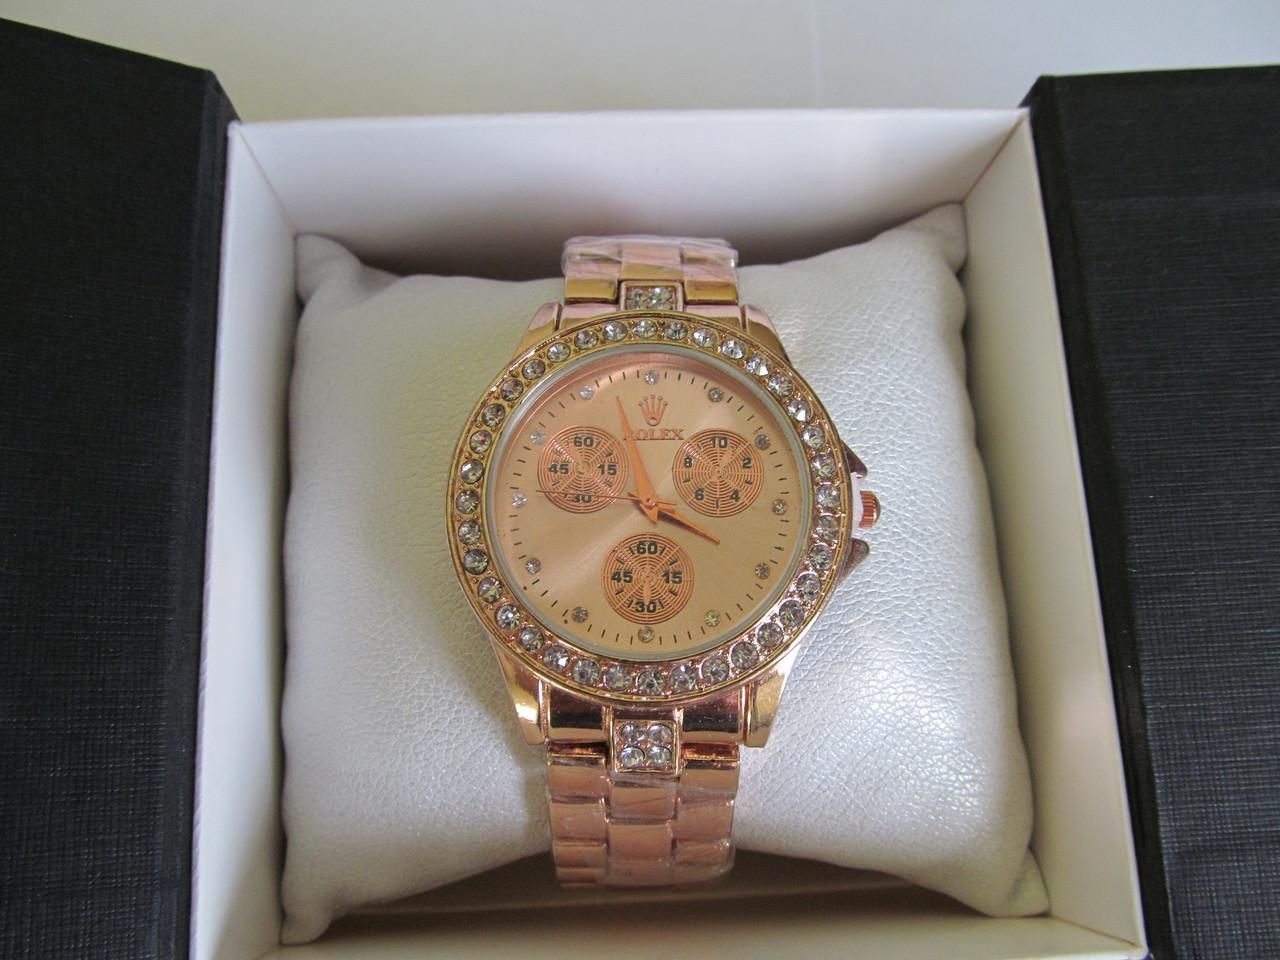 5247943c8ae2 Женские наручные часы ROLEX под золото, Ролекс  продажа, цена в ...